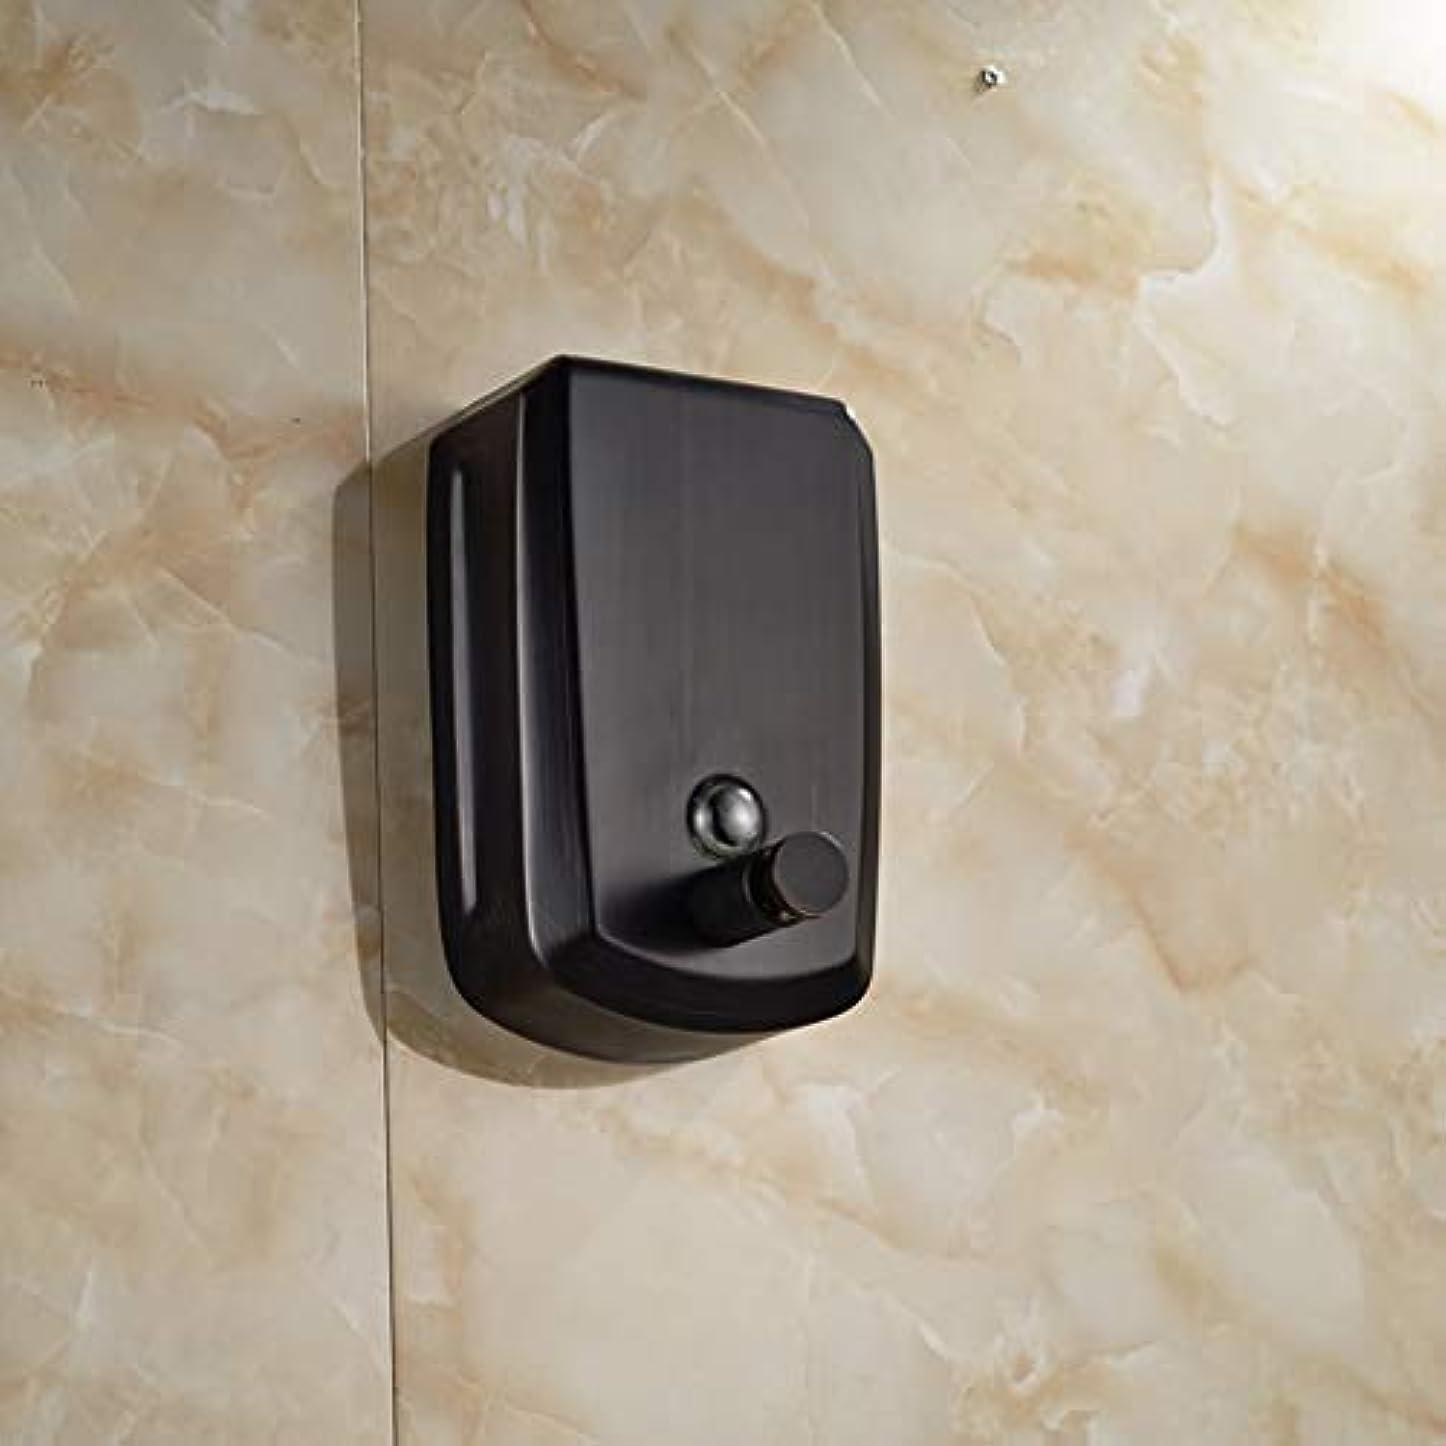 ブルーベル地獄消費者LUDSUY Oil Rubbed Bronze 800ml Bathroom Soap Dispenser Liquid Soap Pump Lotion DispenserBathroom accessories